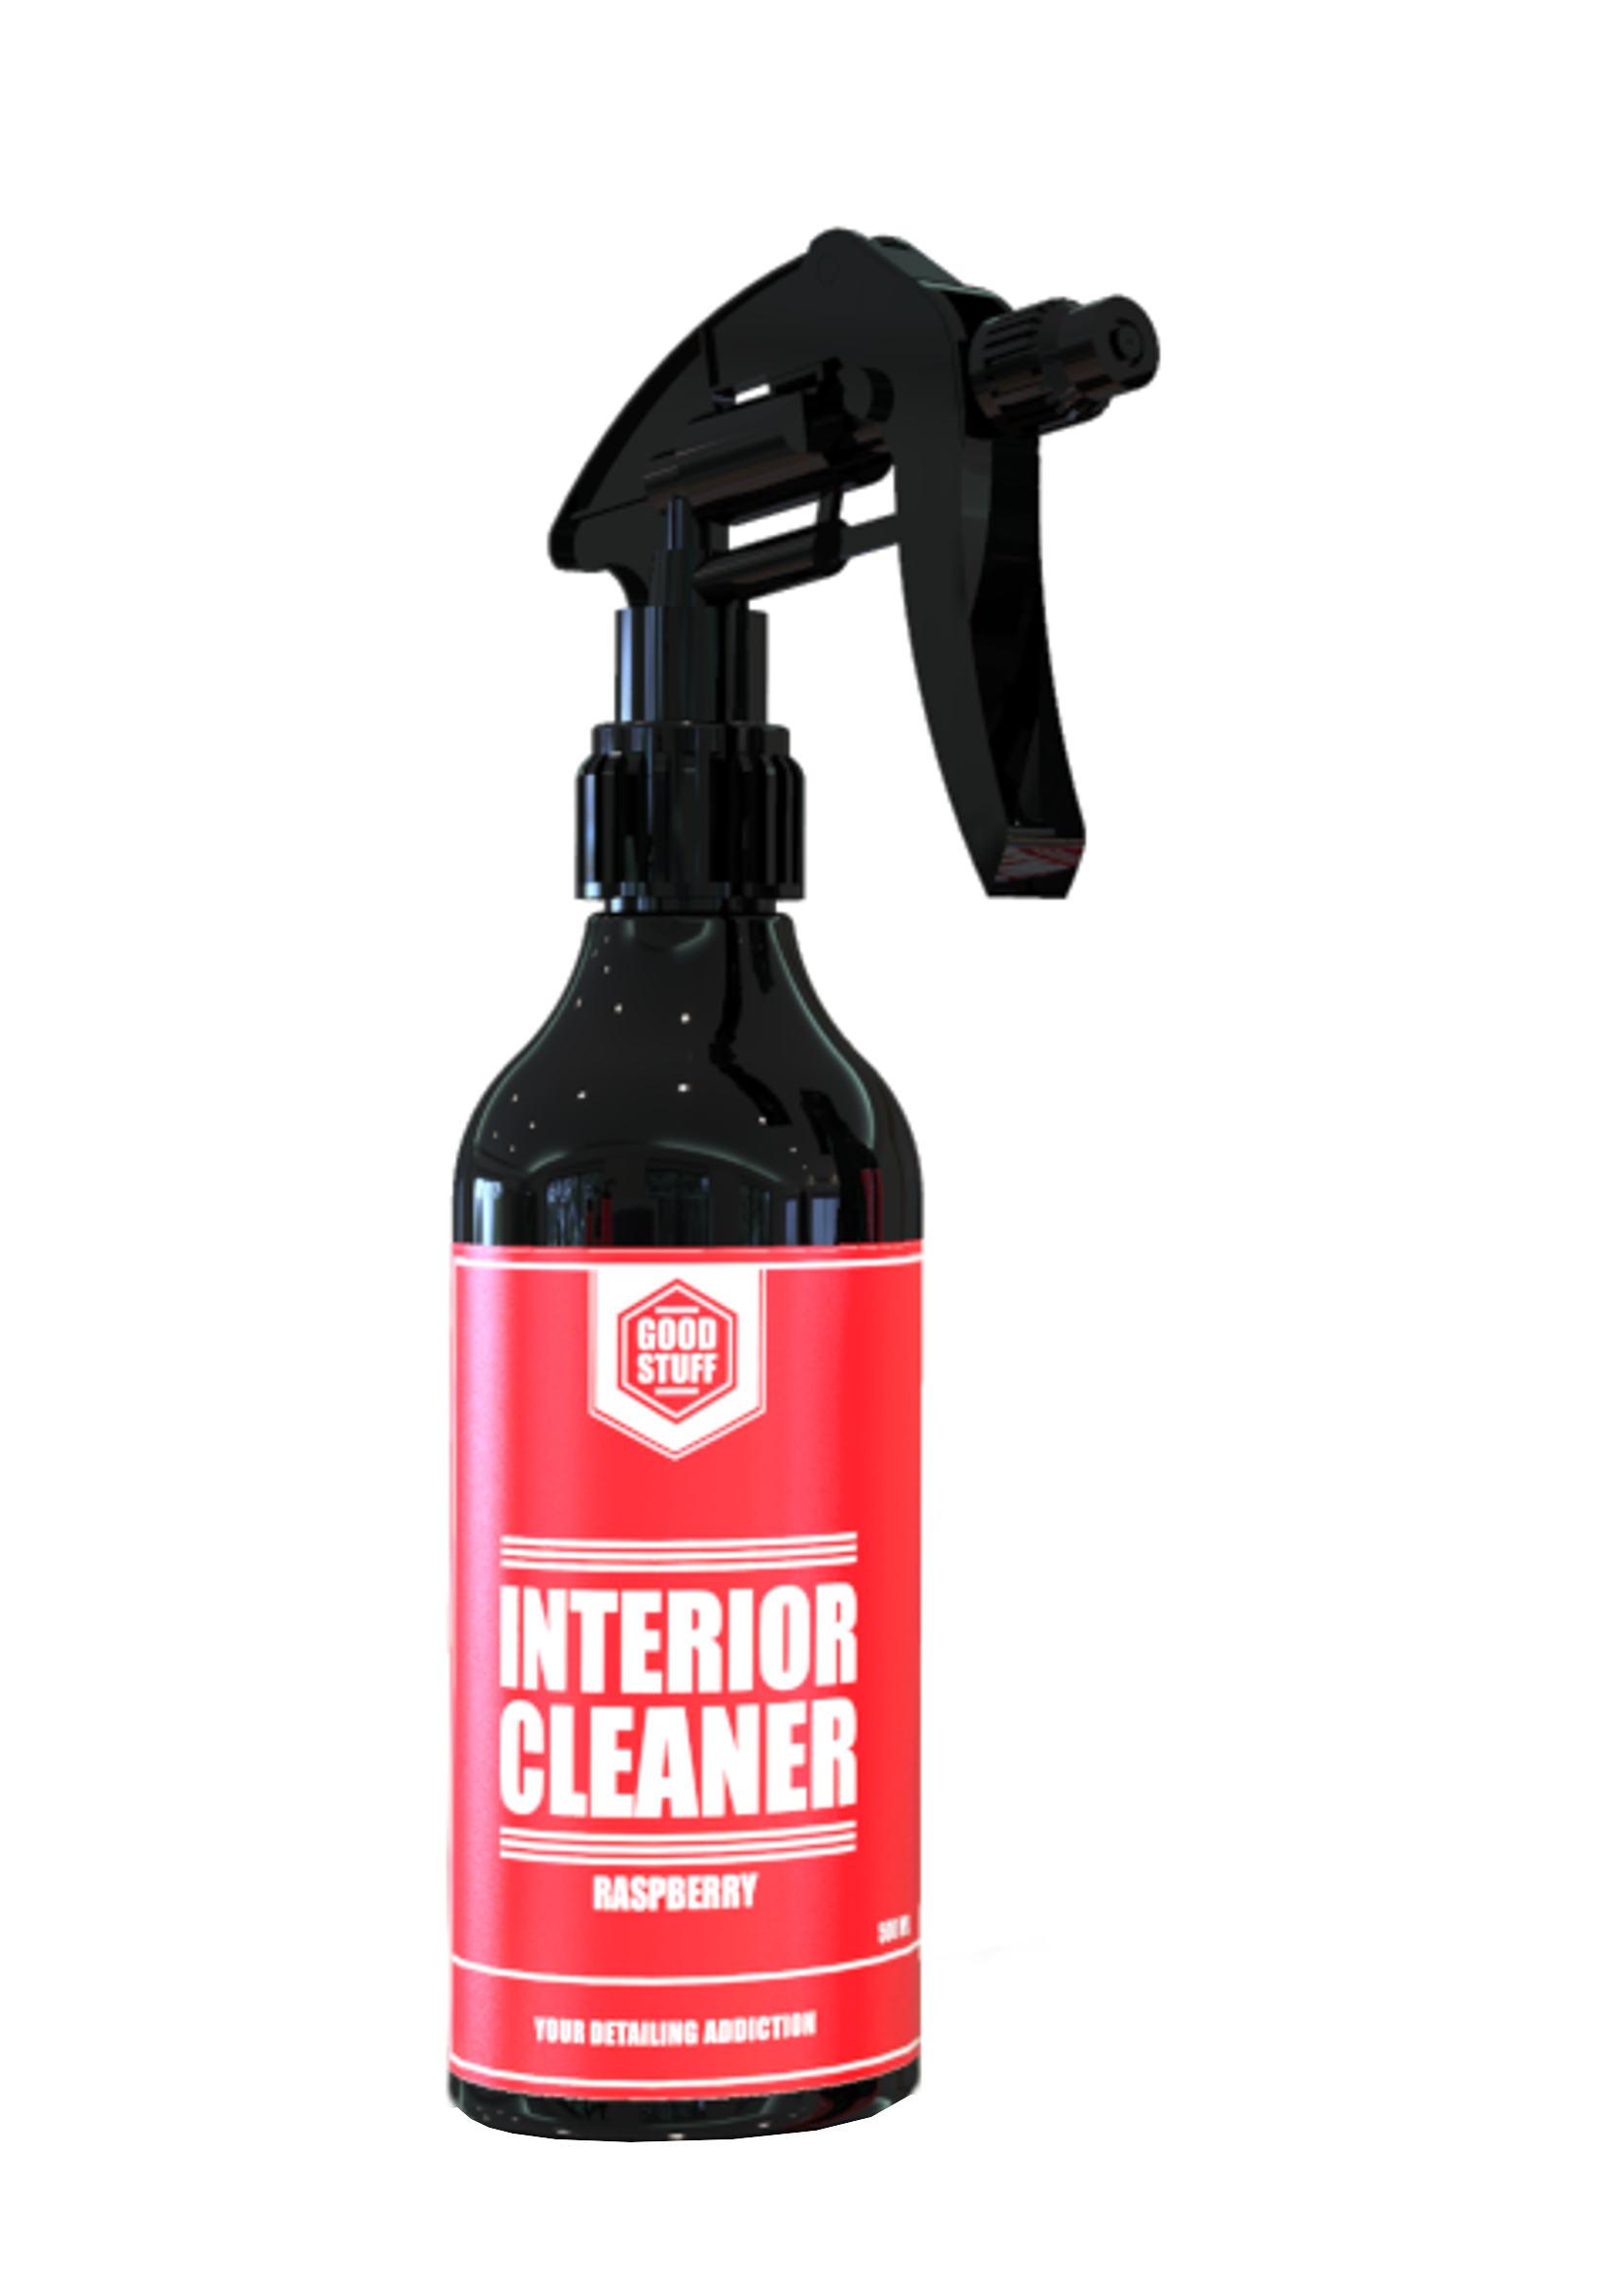 Good Stuff Interior Cleaner Raspberry 500ml Płyn do Czyszczenia Wnętrza